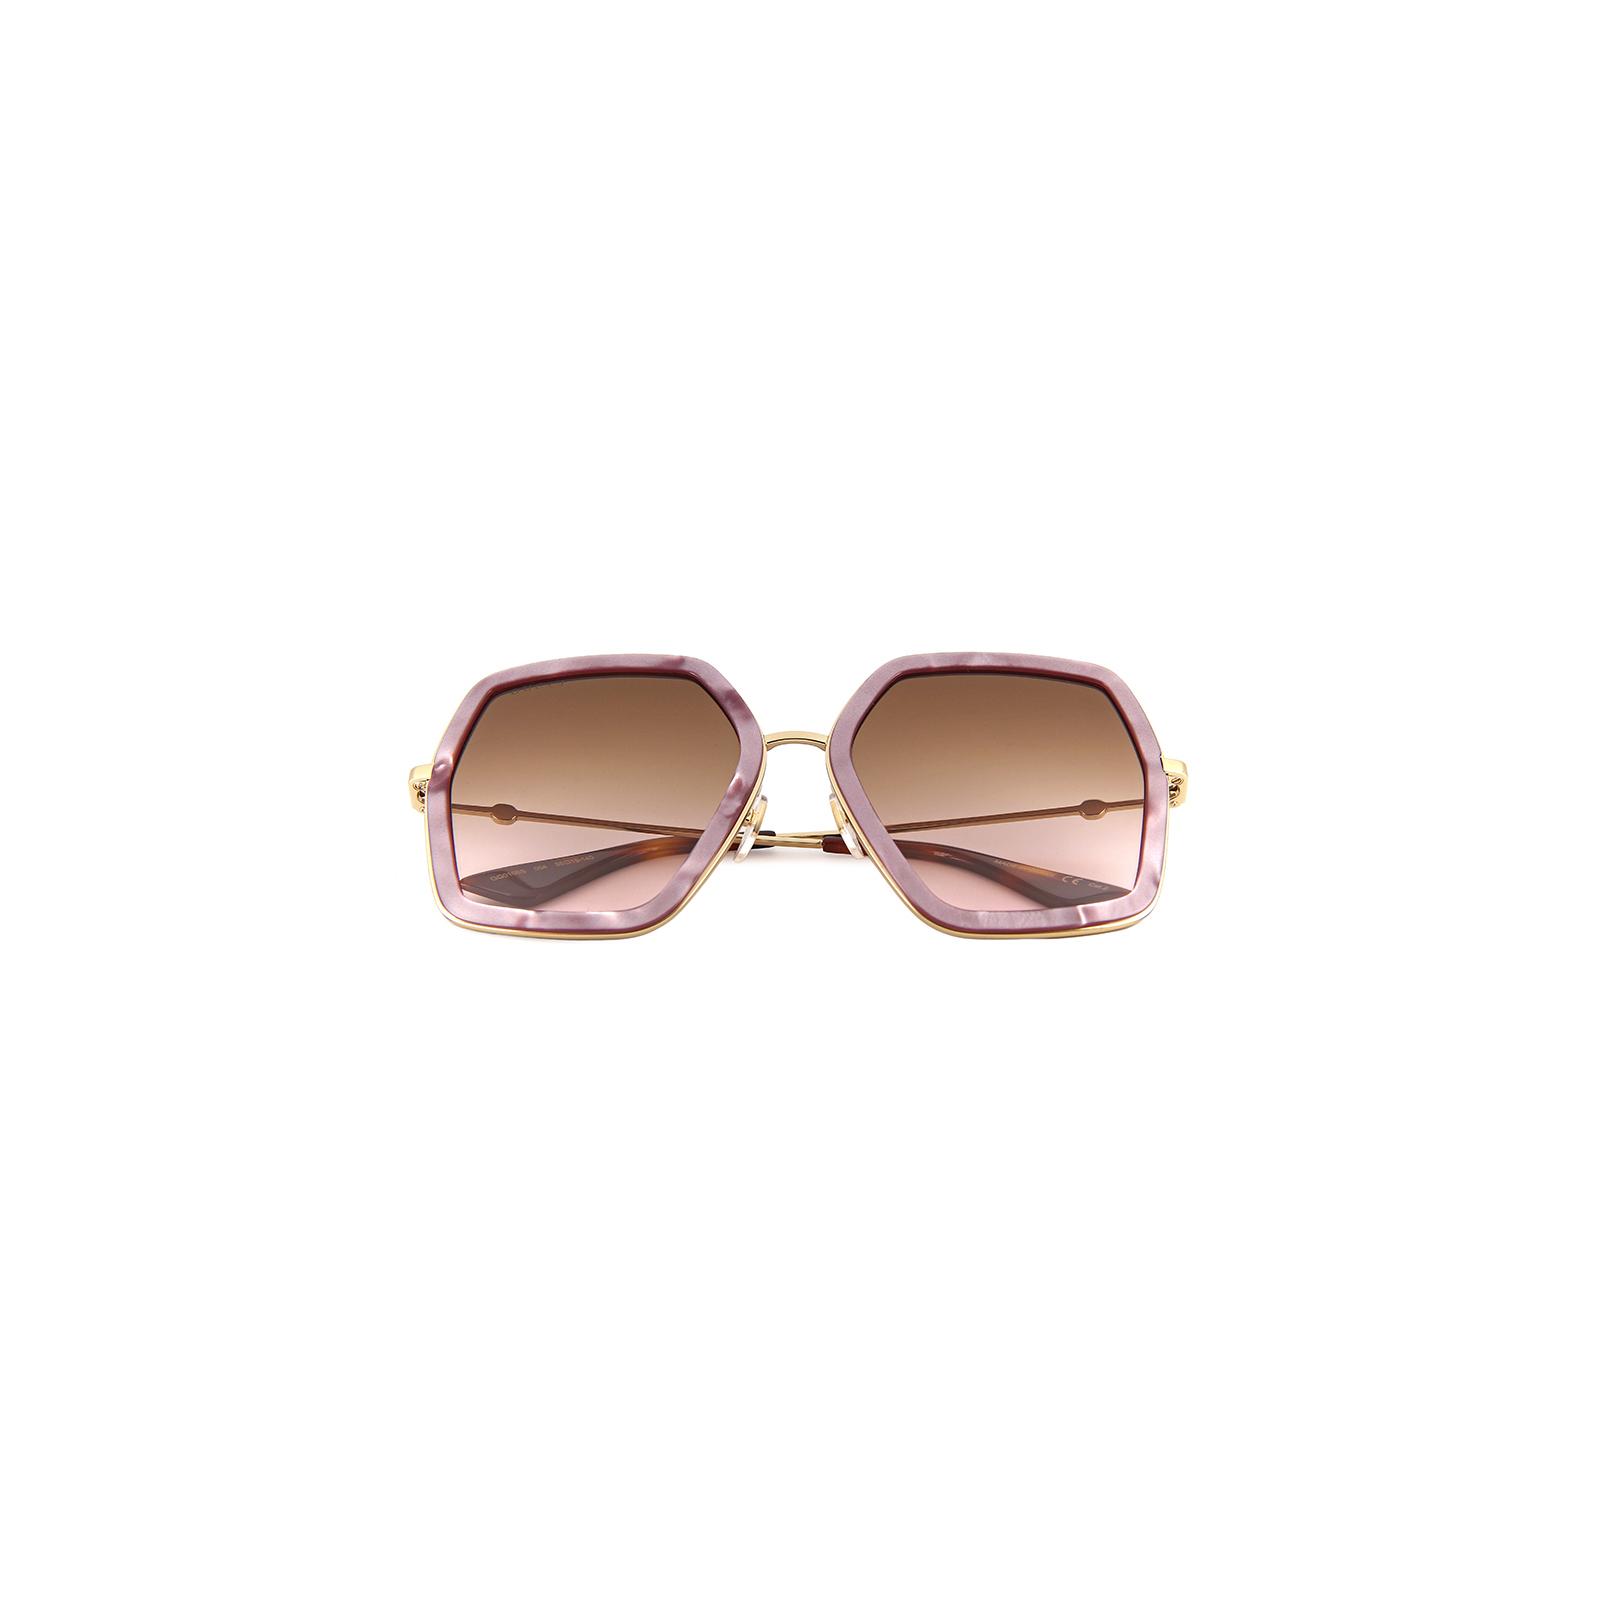 Gucci okulary przeciwsłoneczne GG0106S 004 nowe